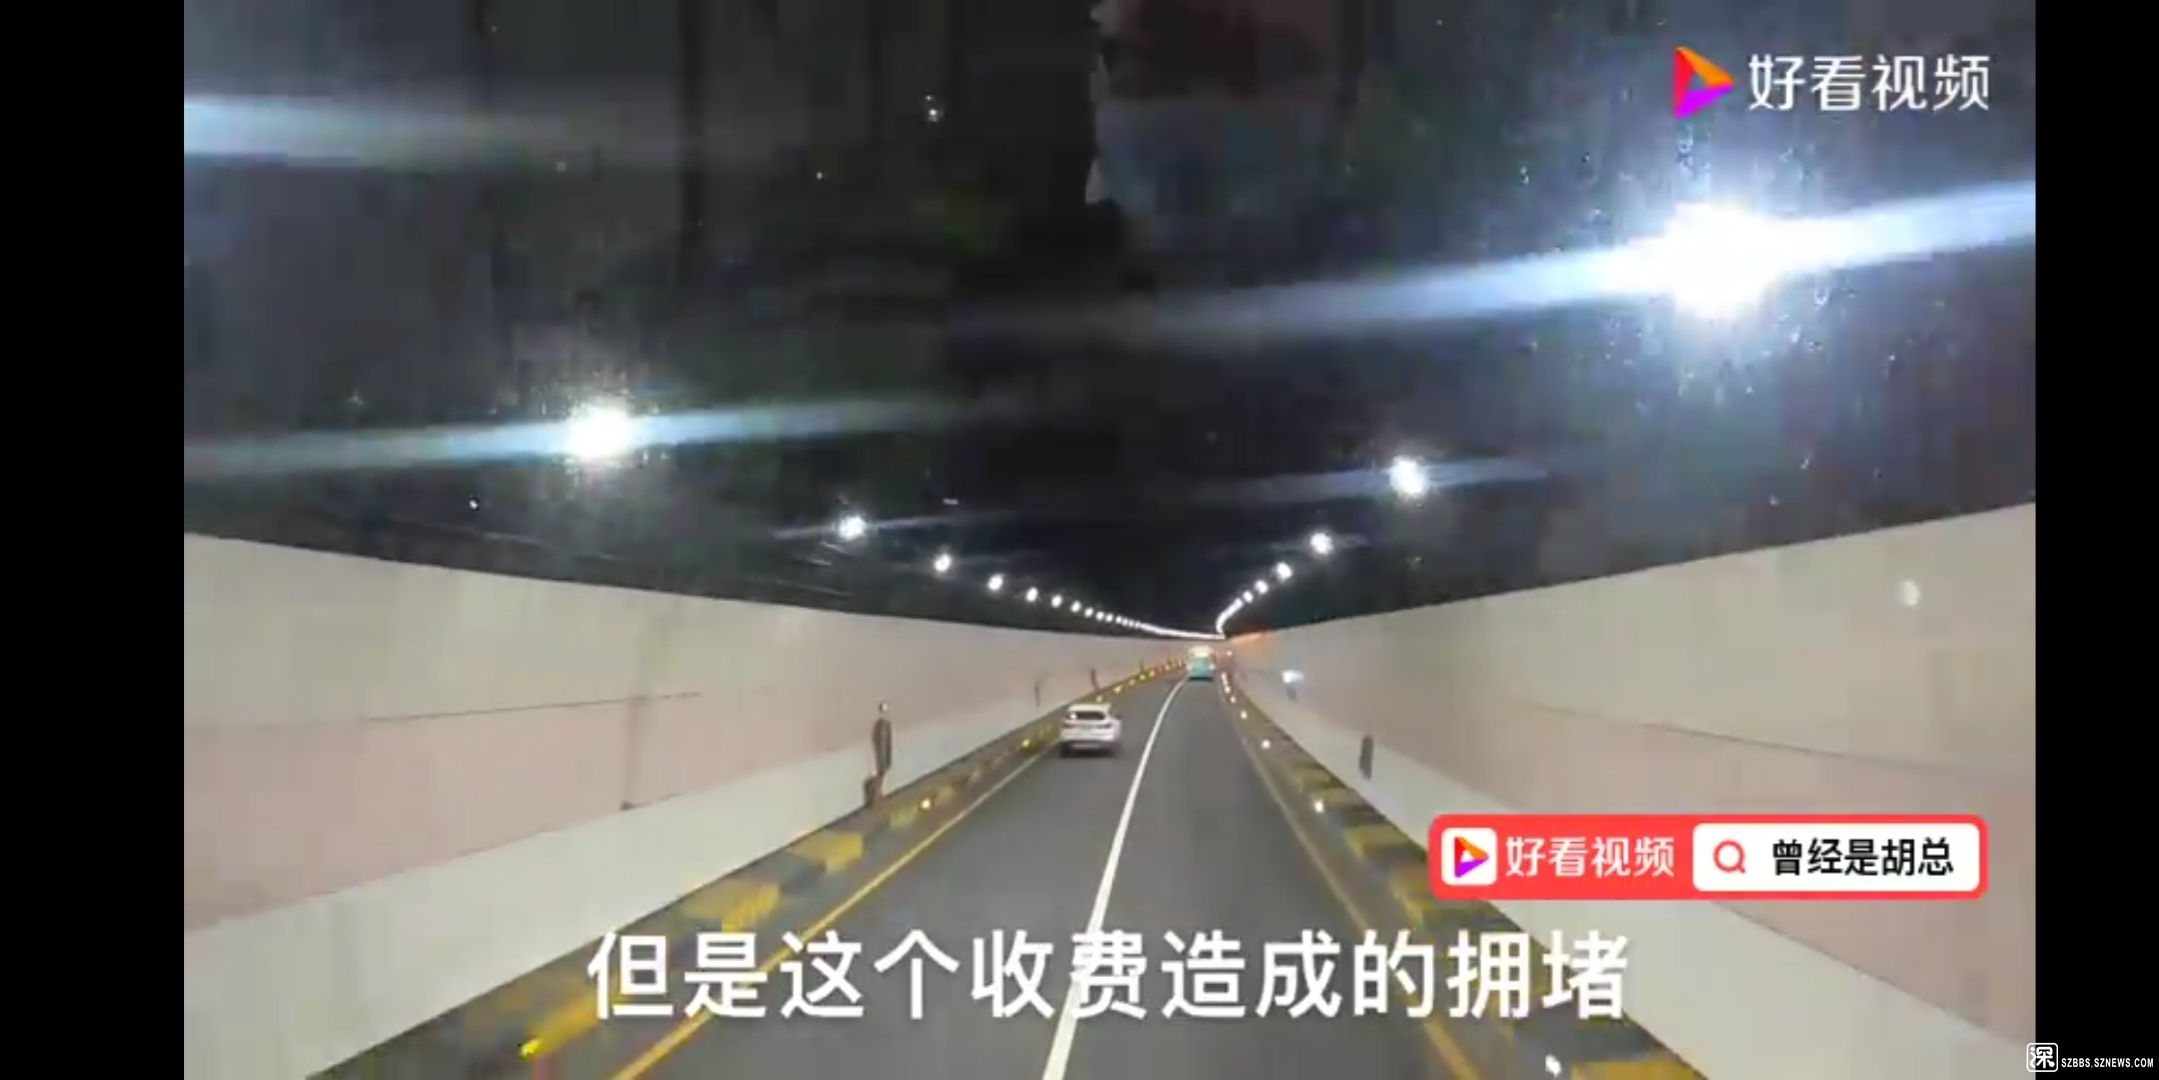 梧桐山隧道05.jpg